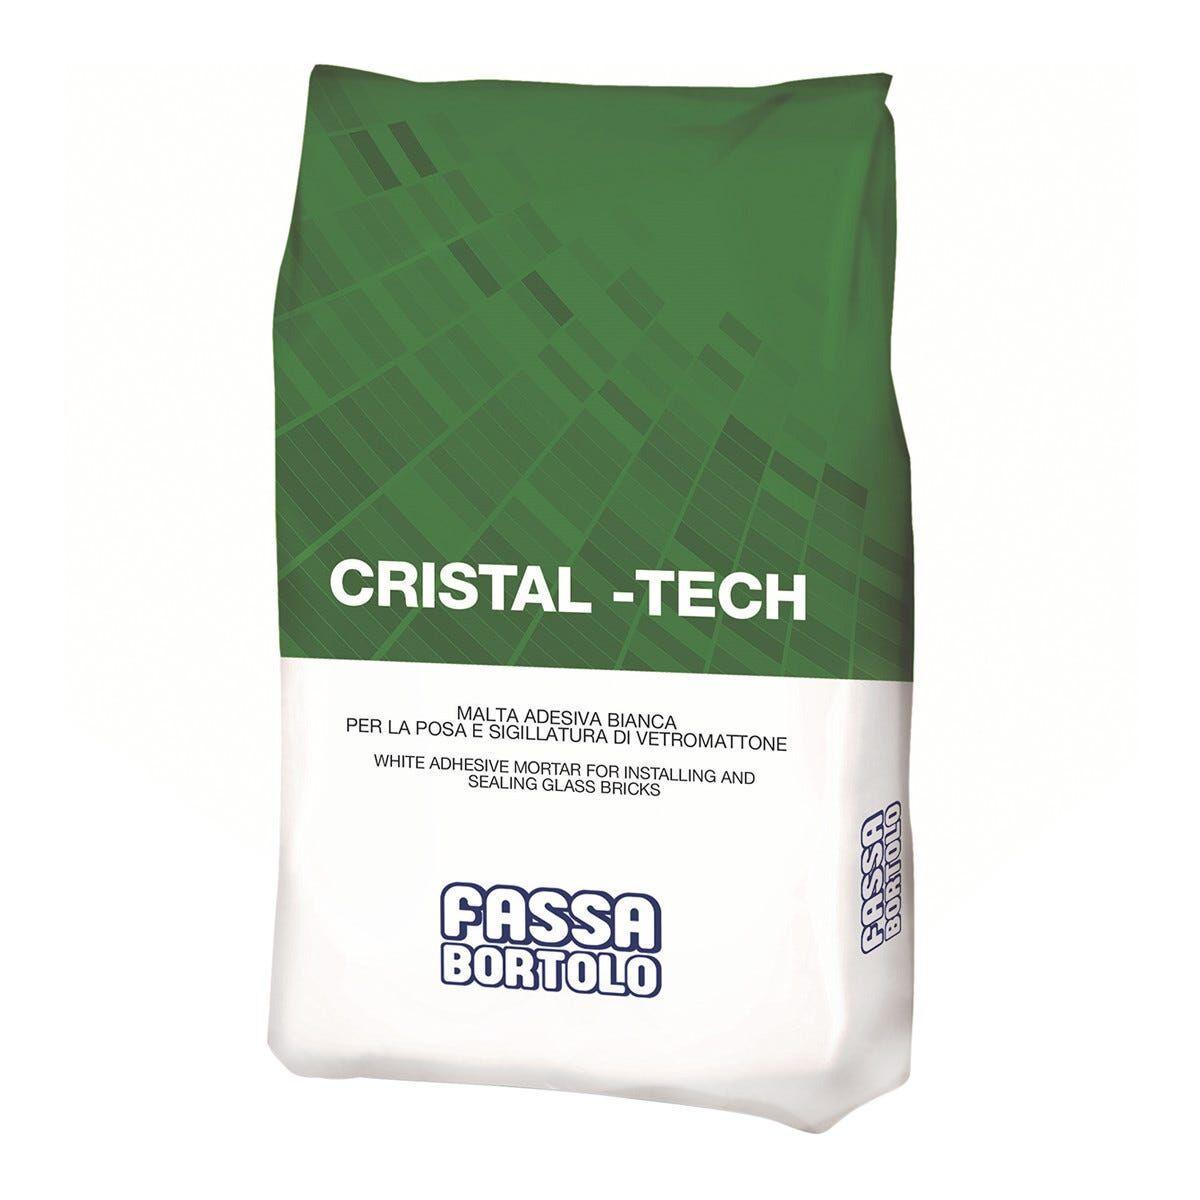 Colla Per Vetromattone Cristal-Tech Fassa 5 Kg